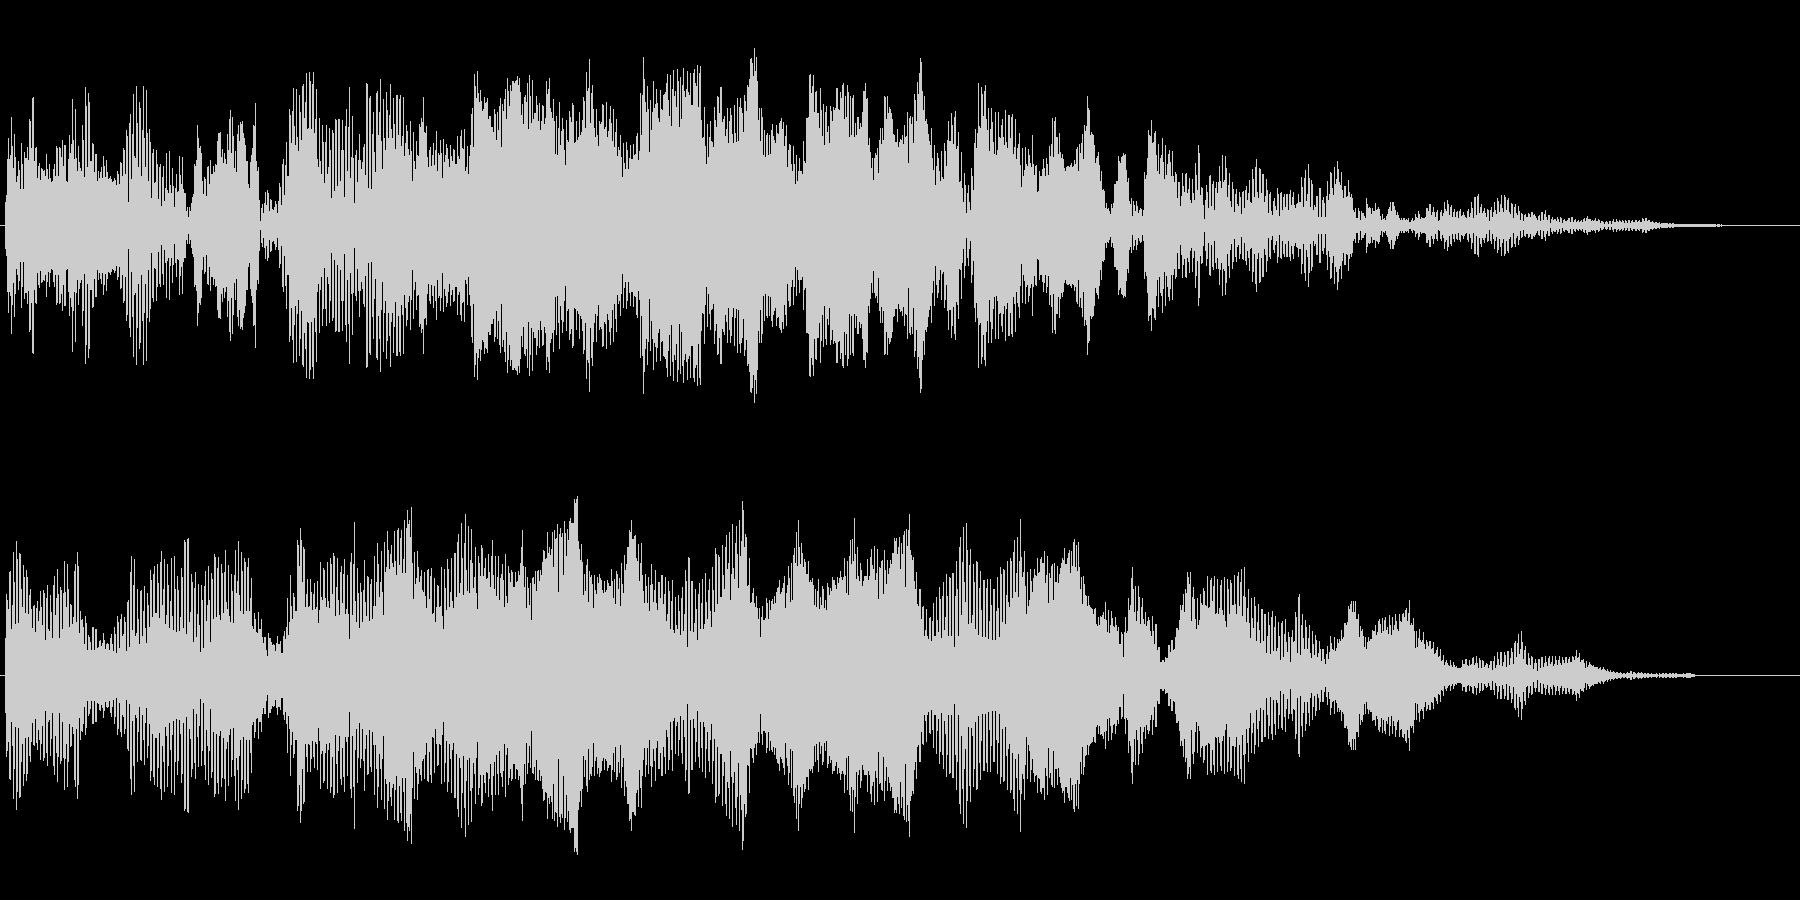 キュイーン(神秘的)の未再生の波形